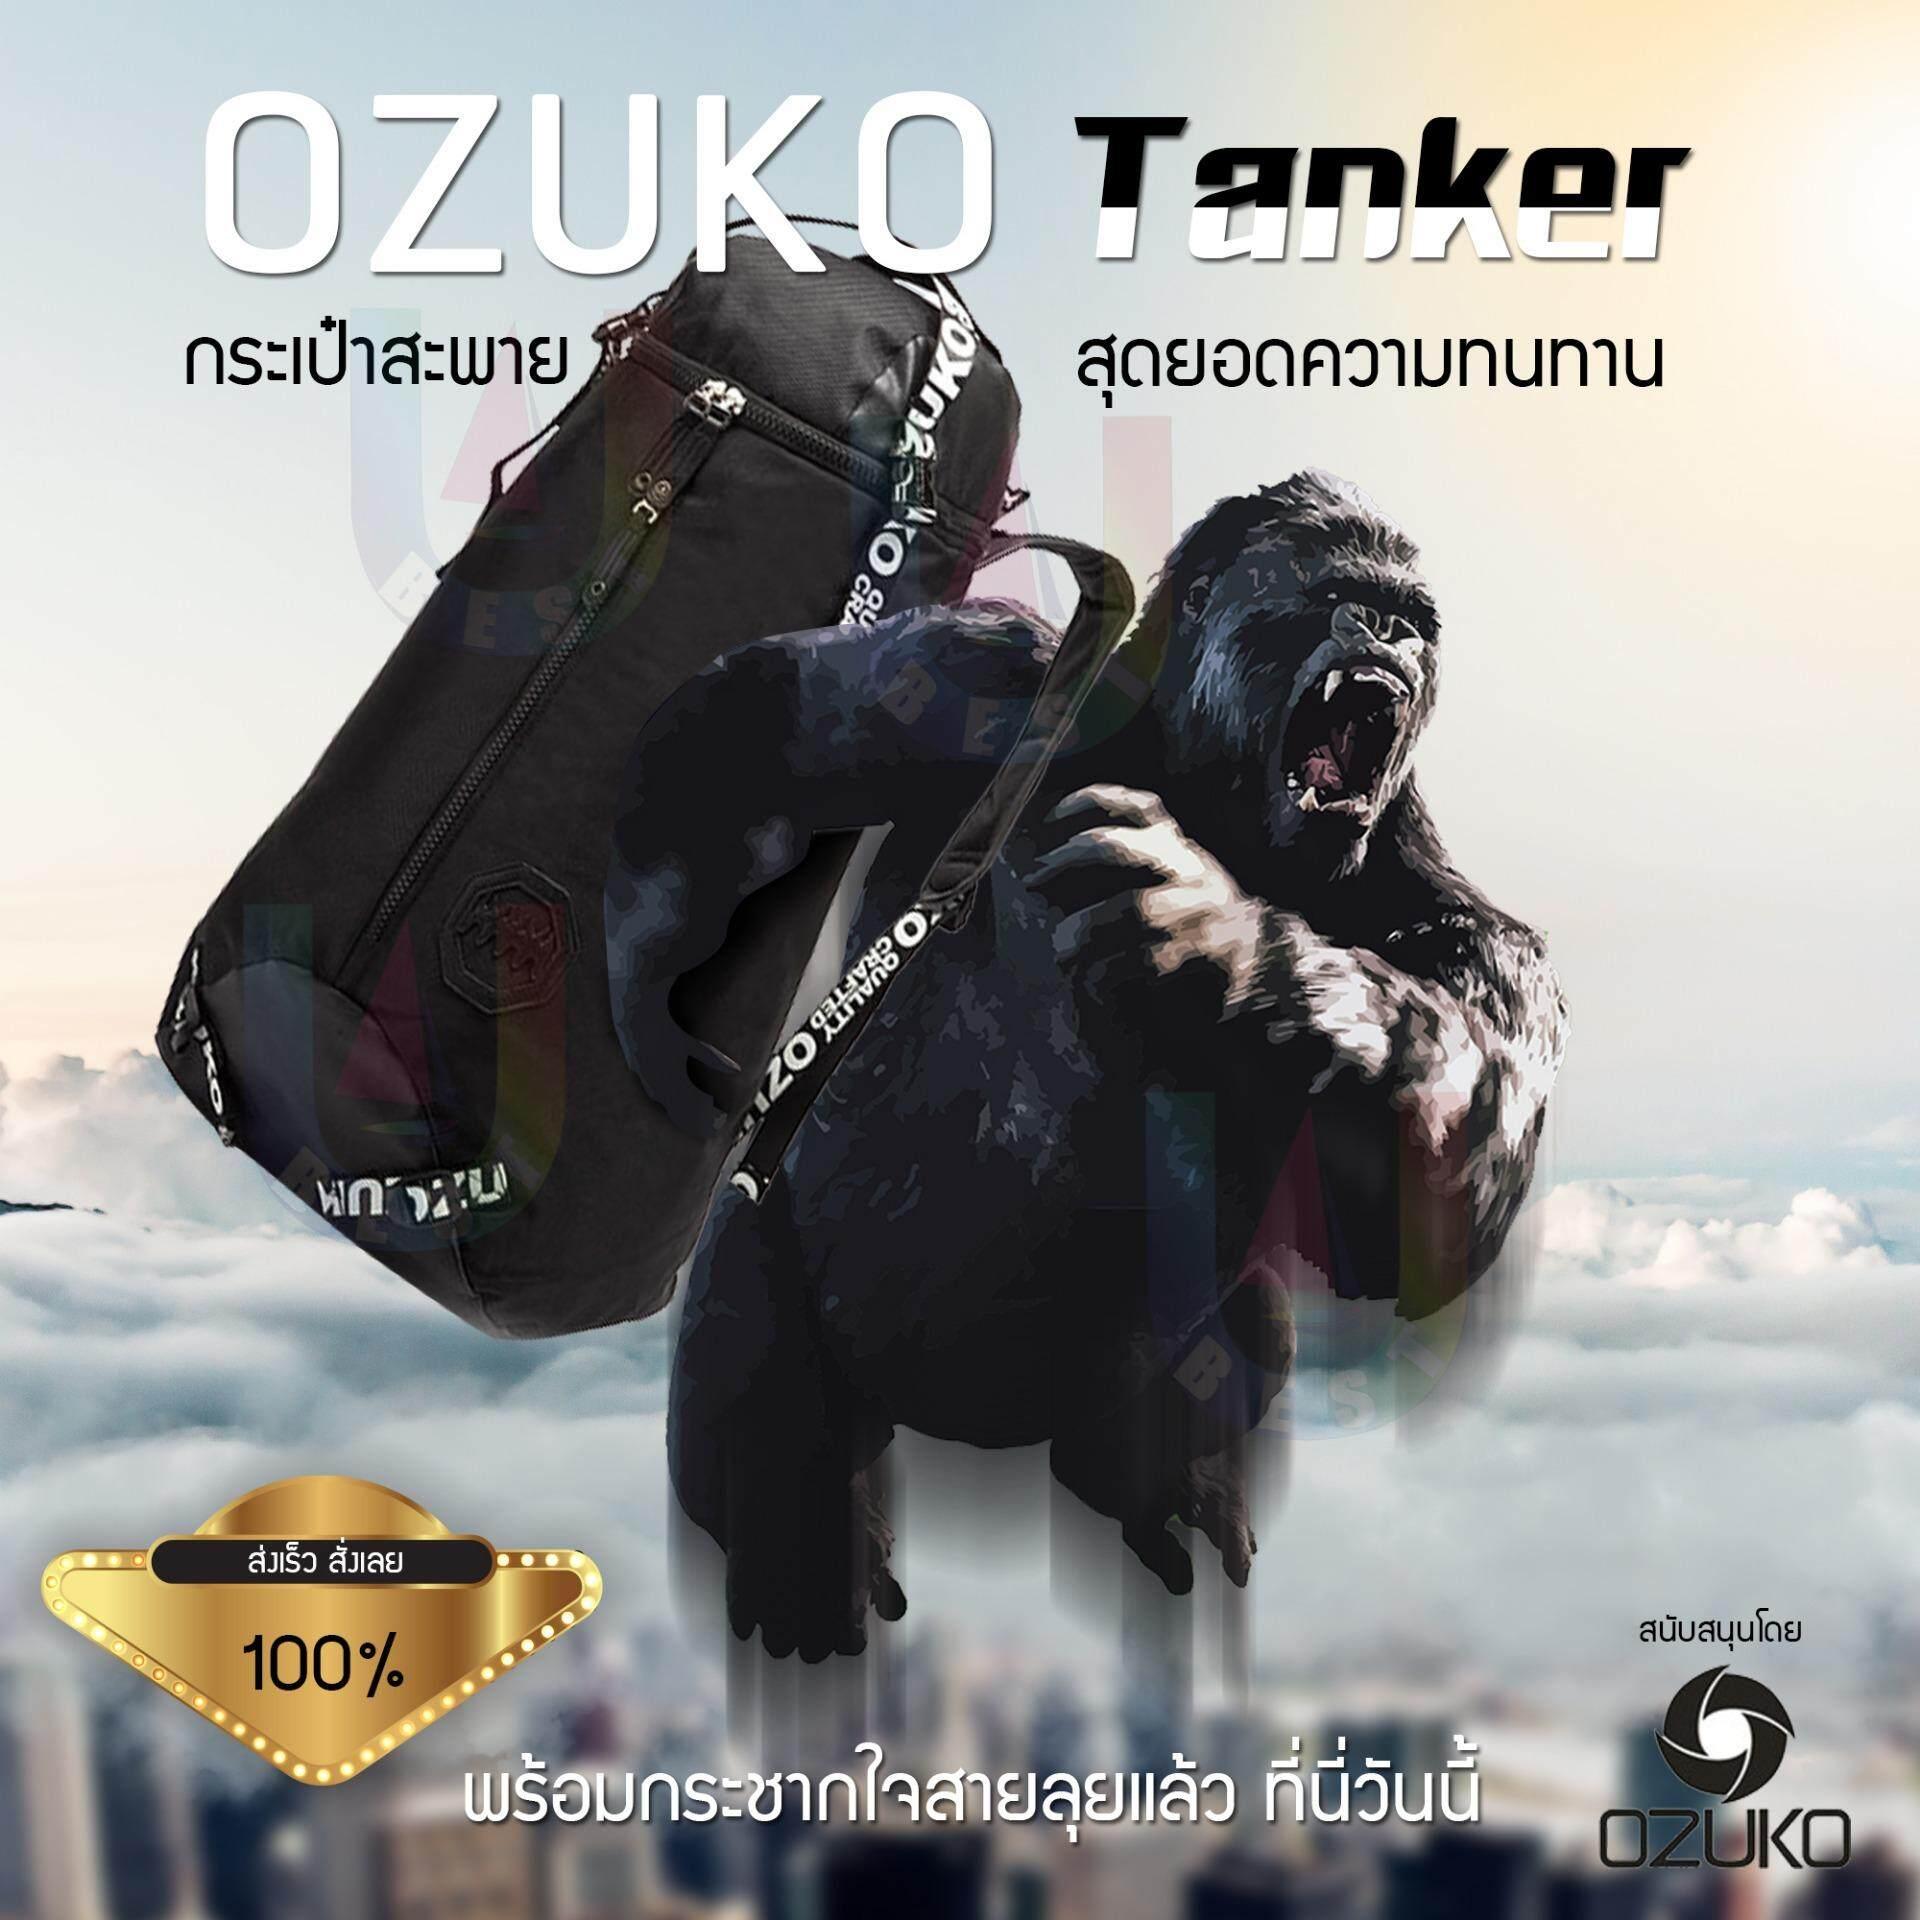 ขาย Ozuko รุ่น Tanker กระเป้าเป้ Backpack ท่องเที่ยว กระเป๋าโน๊ตบุ๊ค กระเป๋าสะพายหลัง กระเป๋าแฟชั่น กระเป๋าเดินทาง เท่ๆ สุดแนว ใส่สบาย จุของได้เยอะ กันน้ำได้ สีดำ กรุงเทพมหานคร ถูก